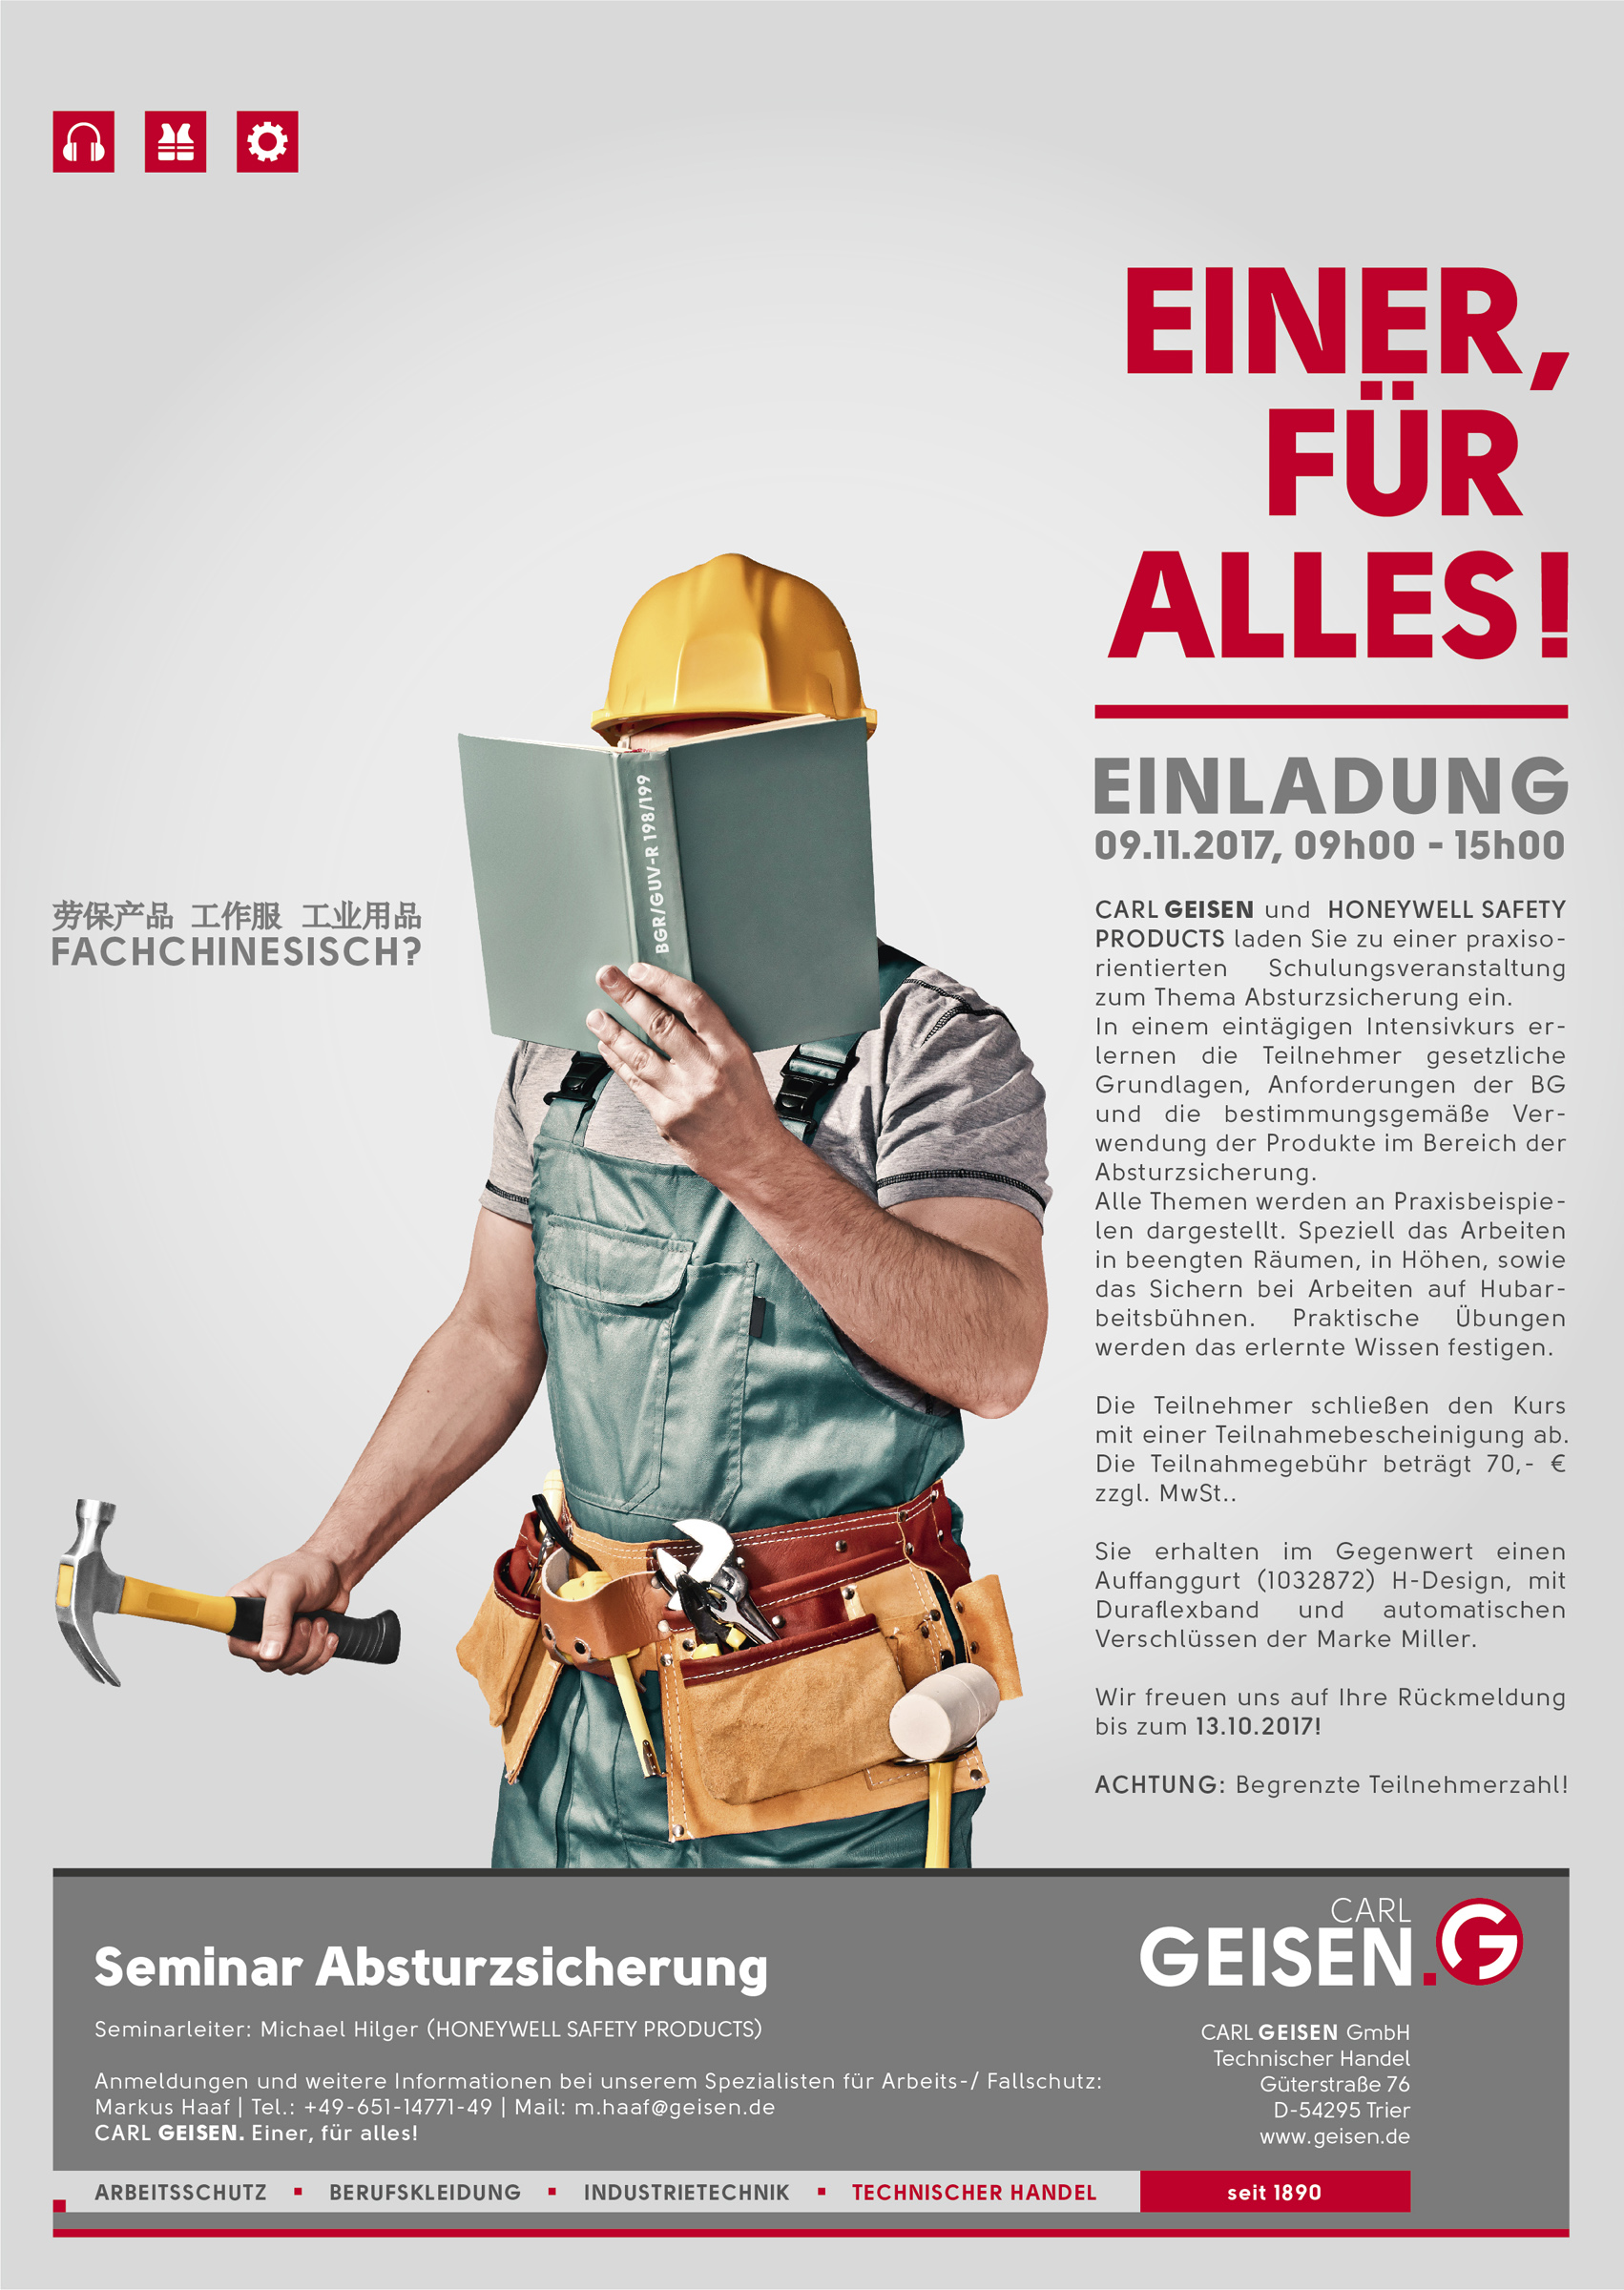 Len Für Hohe Räume seminar zum thema absturzsicherung mit honeywell safety products im